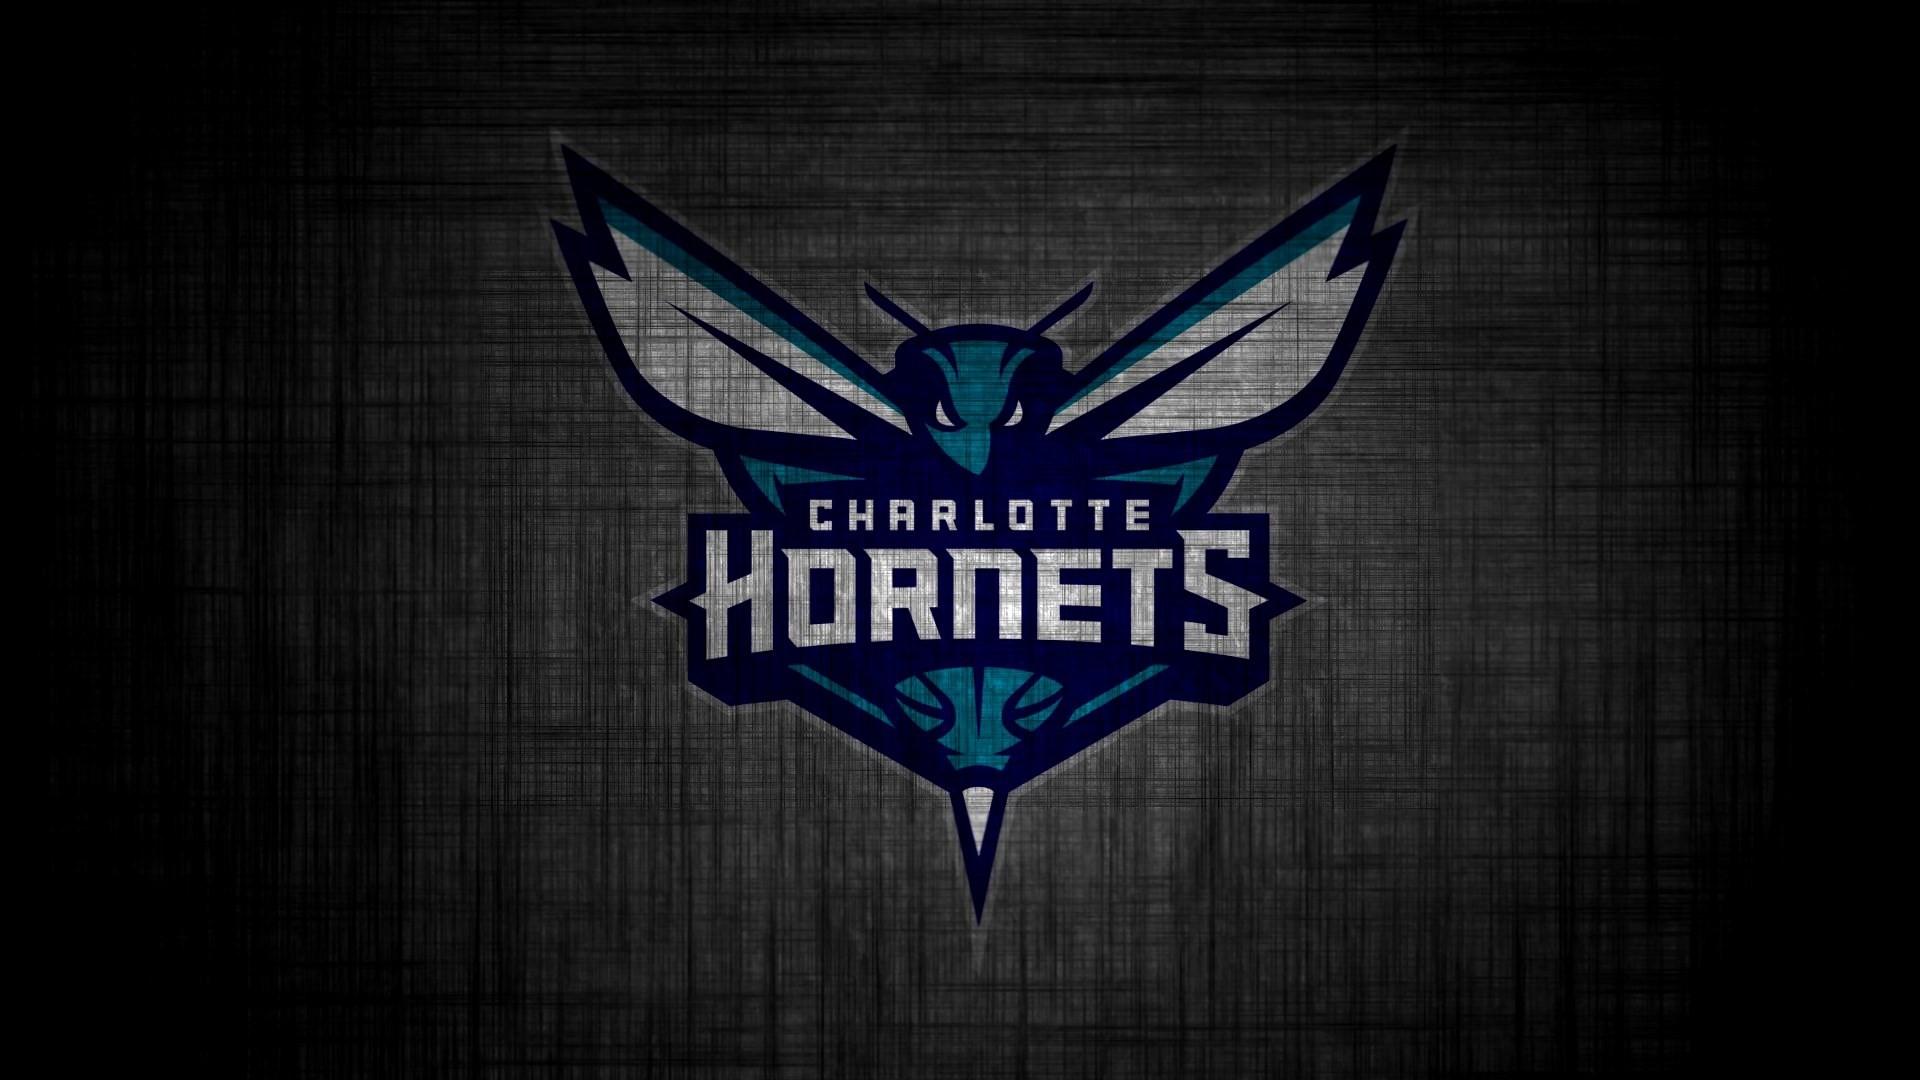 Charlotte Hornets For Desktop Wallpaper 2019 Basketball Wallpaper 1920x1080